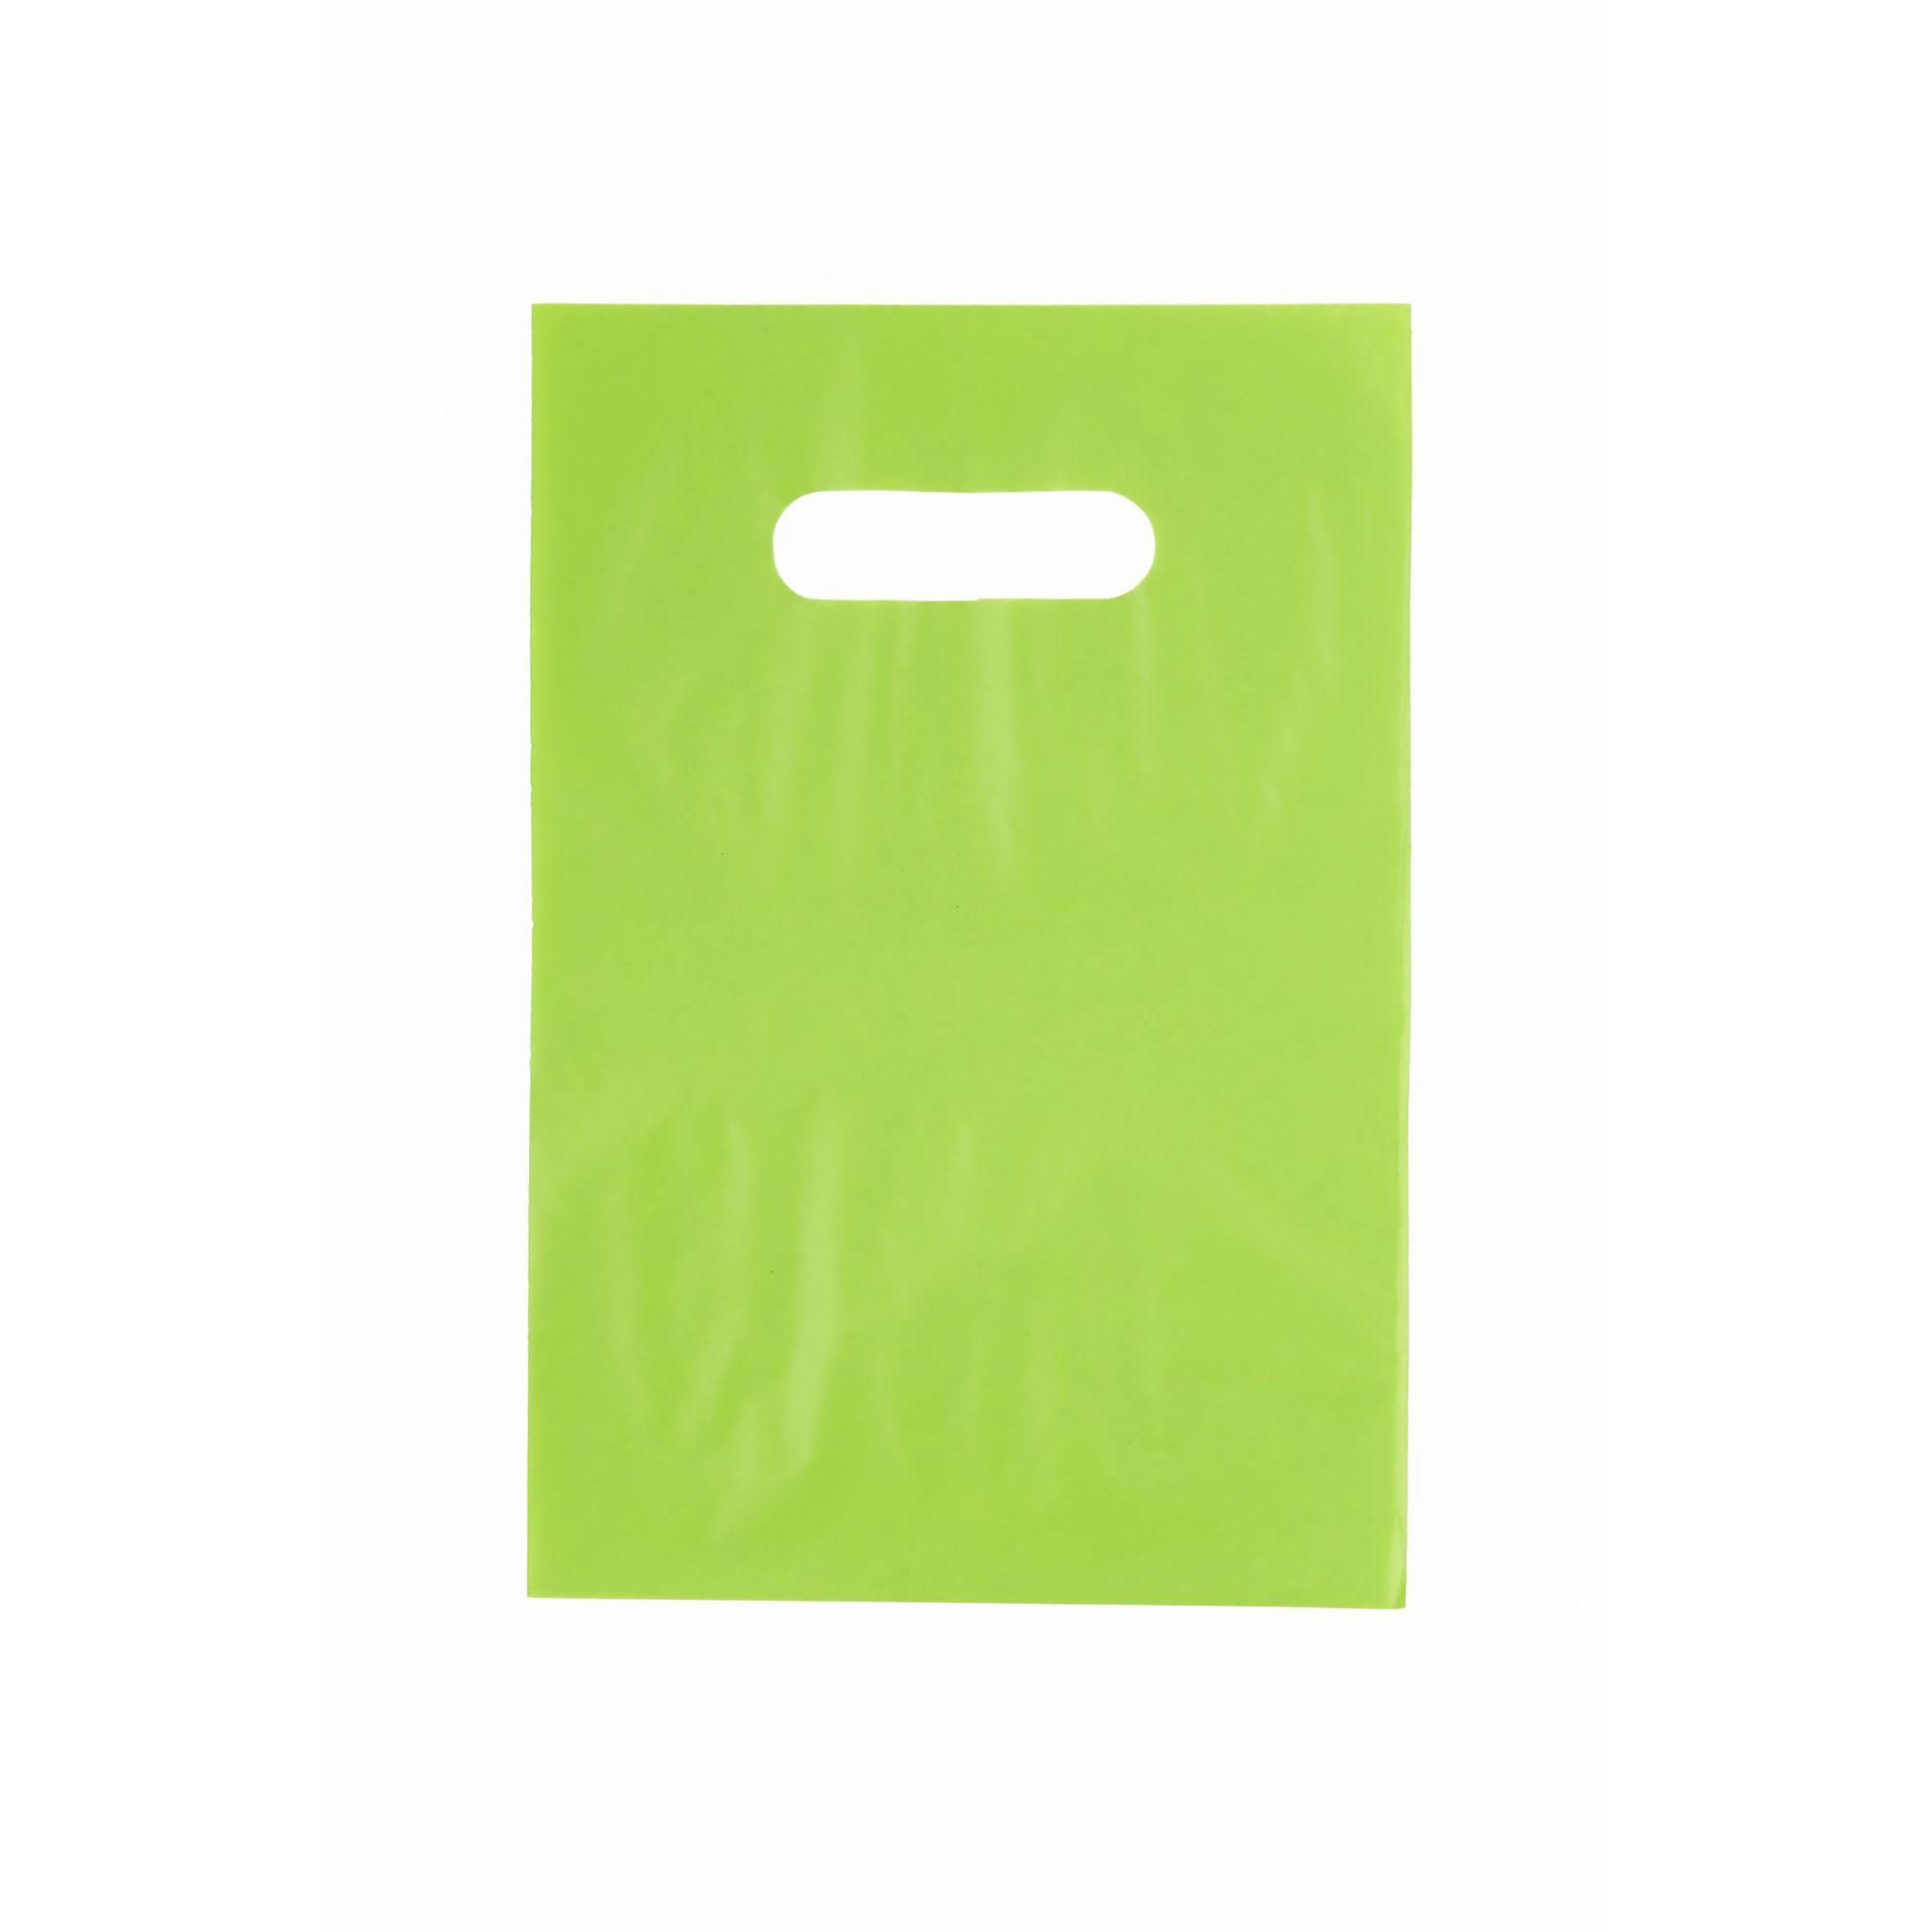 Sacola Plástica 25x35 Verde - Alça Boca de Palhaço